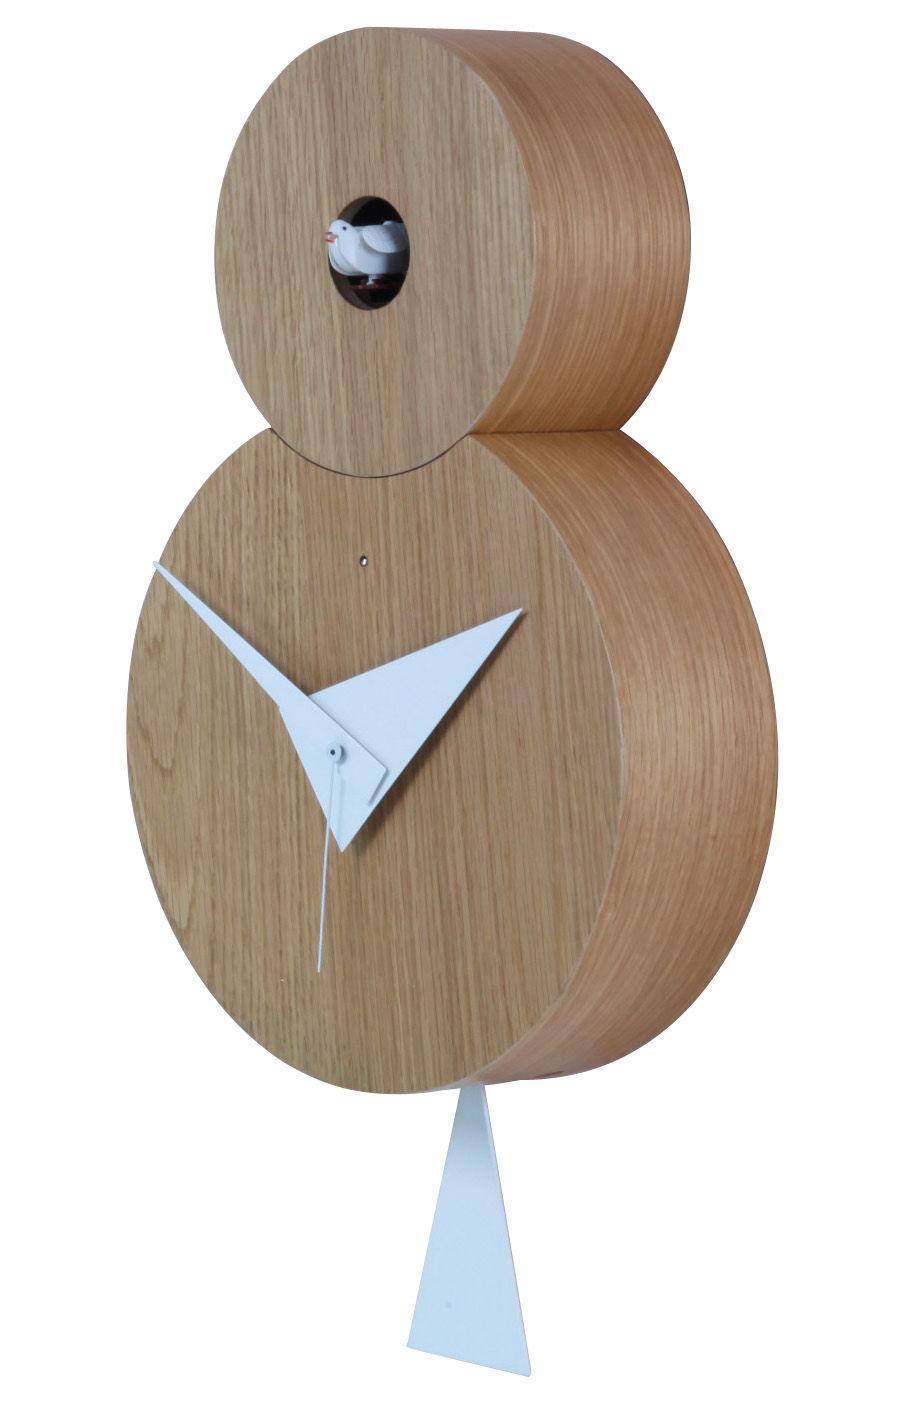 Déco - Horloges  - Horloge murale Otto à coucou / H 38,5 cm - Diamantini & Domeniconi - Chêne naturel - Coucou, pendule & aiguilles blancs - Chêne naturel